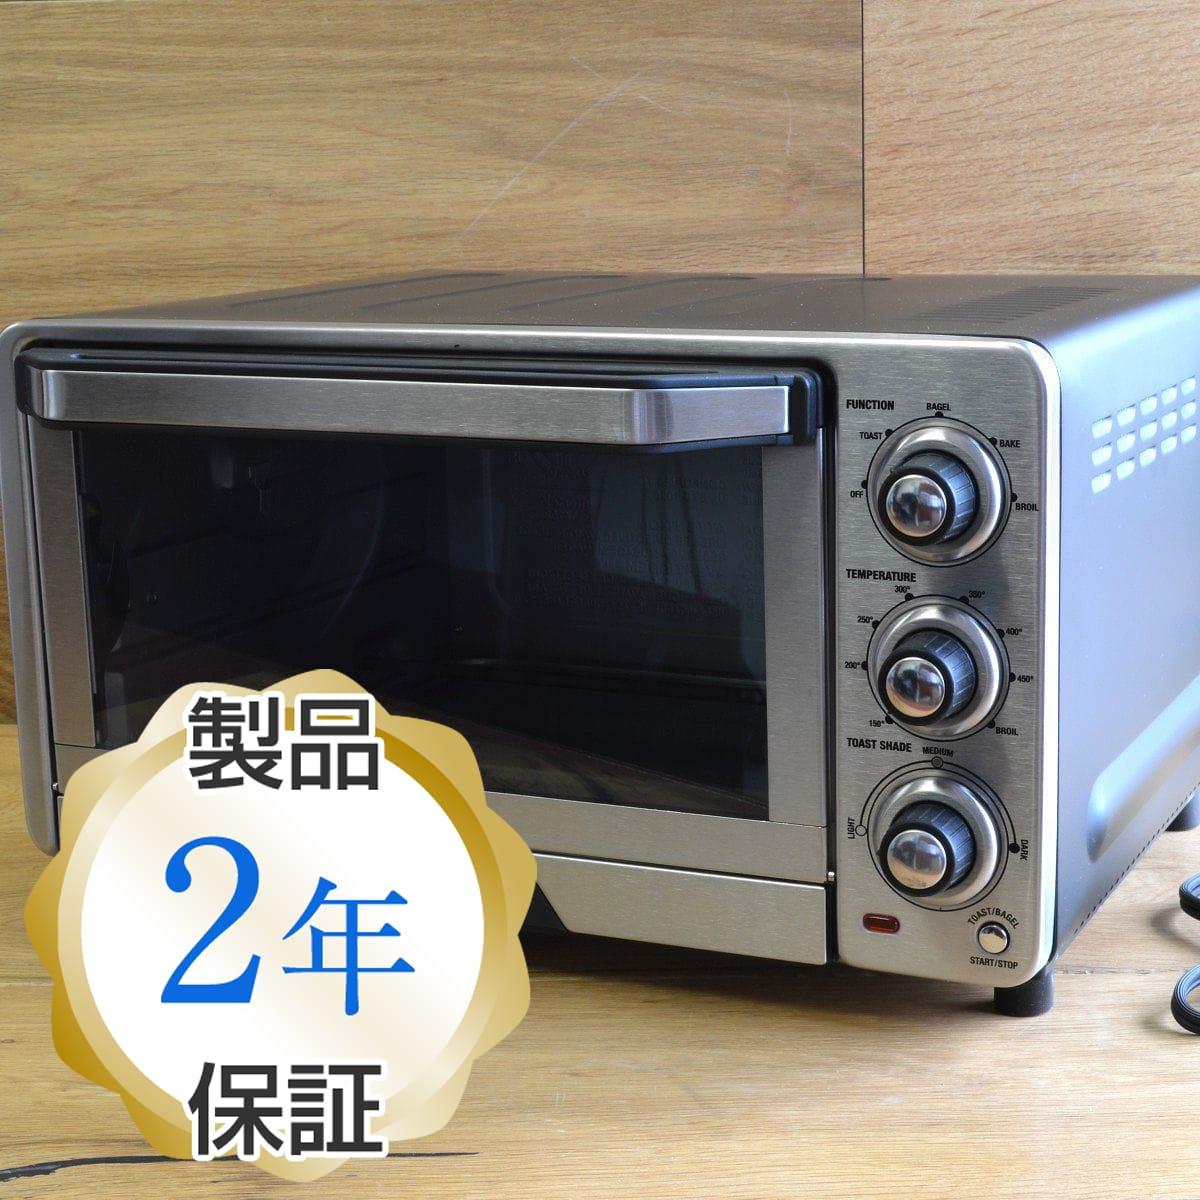 クイジナート オーブントースター Classic Cuisinart Broiler TOB-40N Custom Classic 家電 Toaster Oven Broiler 家電, AMERICAN DREAM:b7be7a29 --- sunward.msk.ru